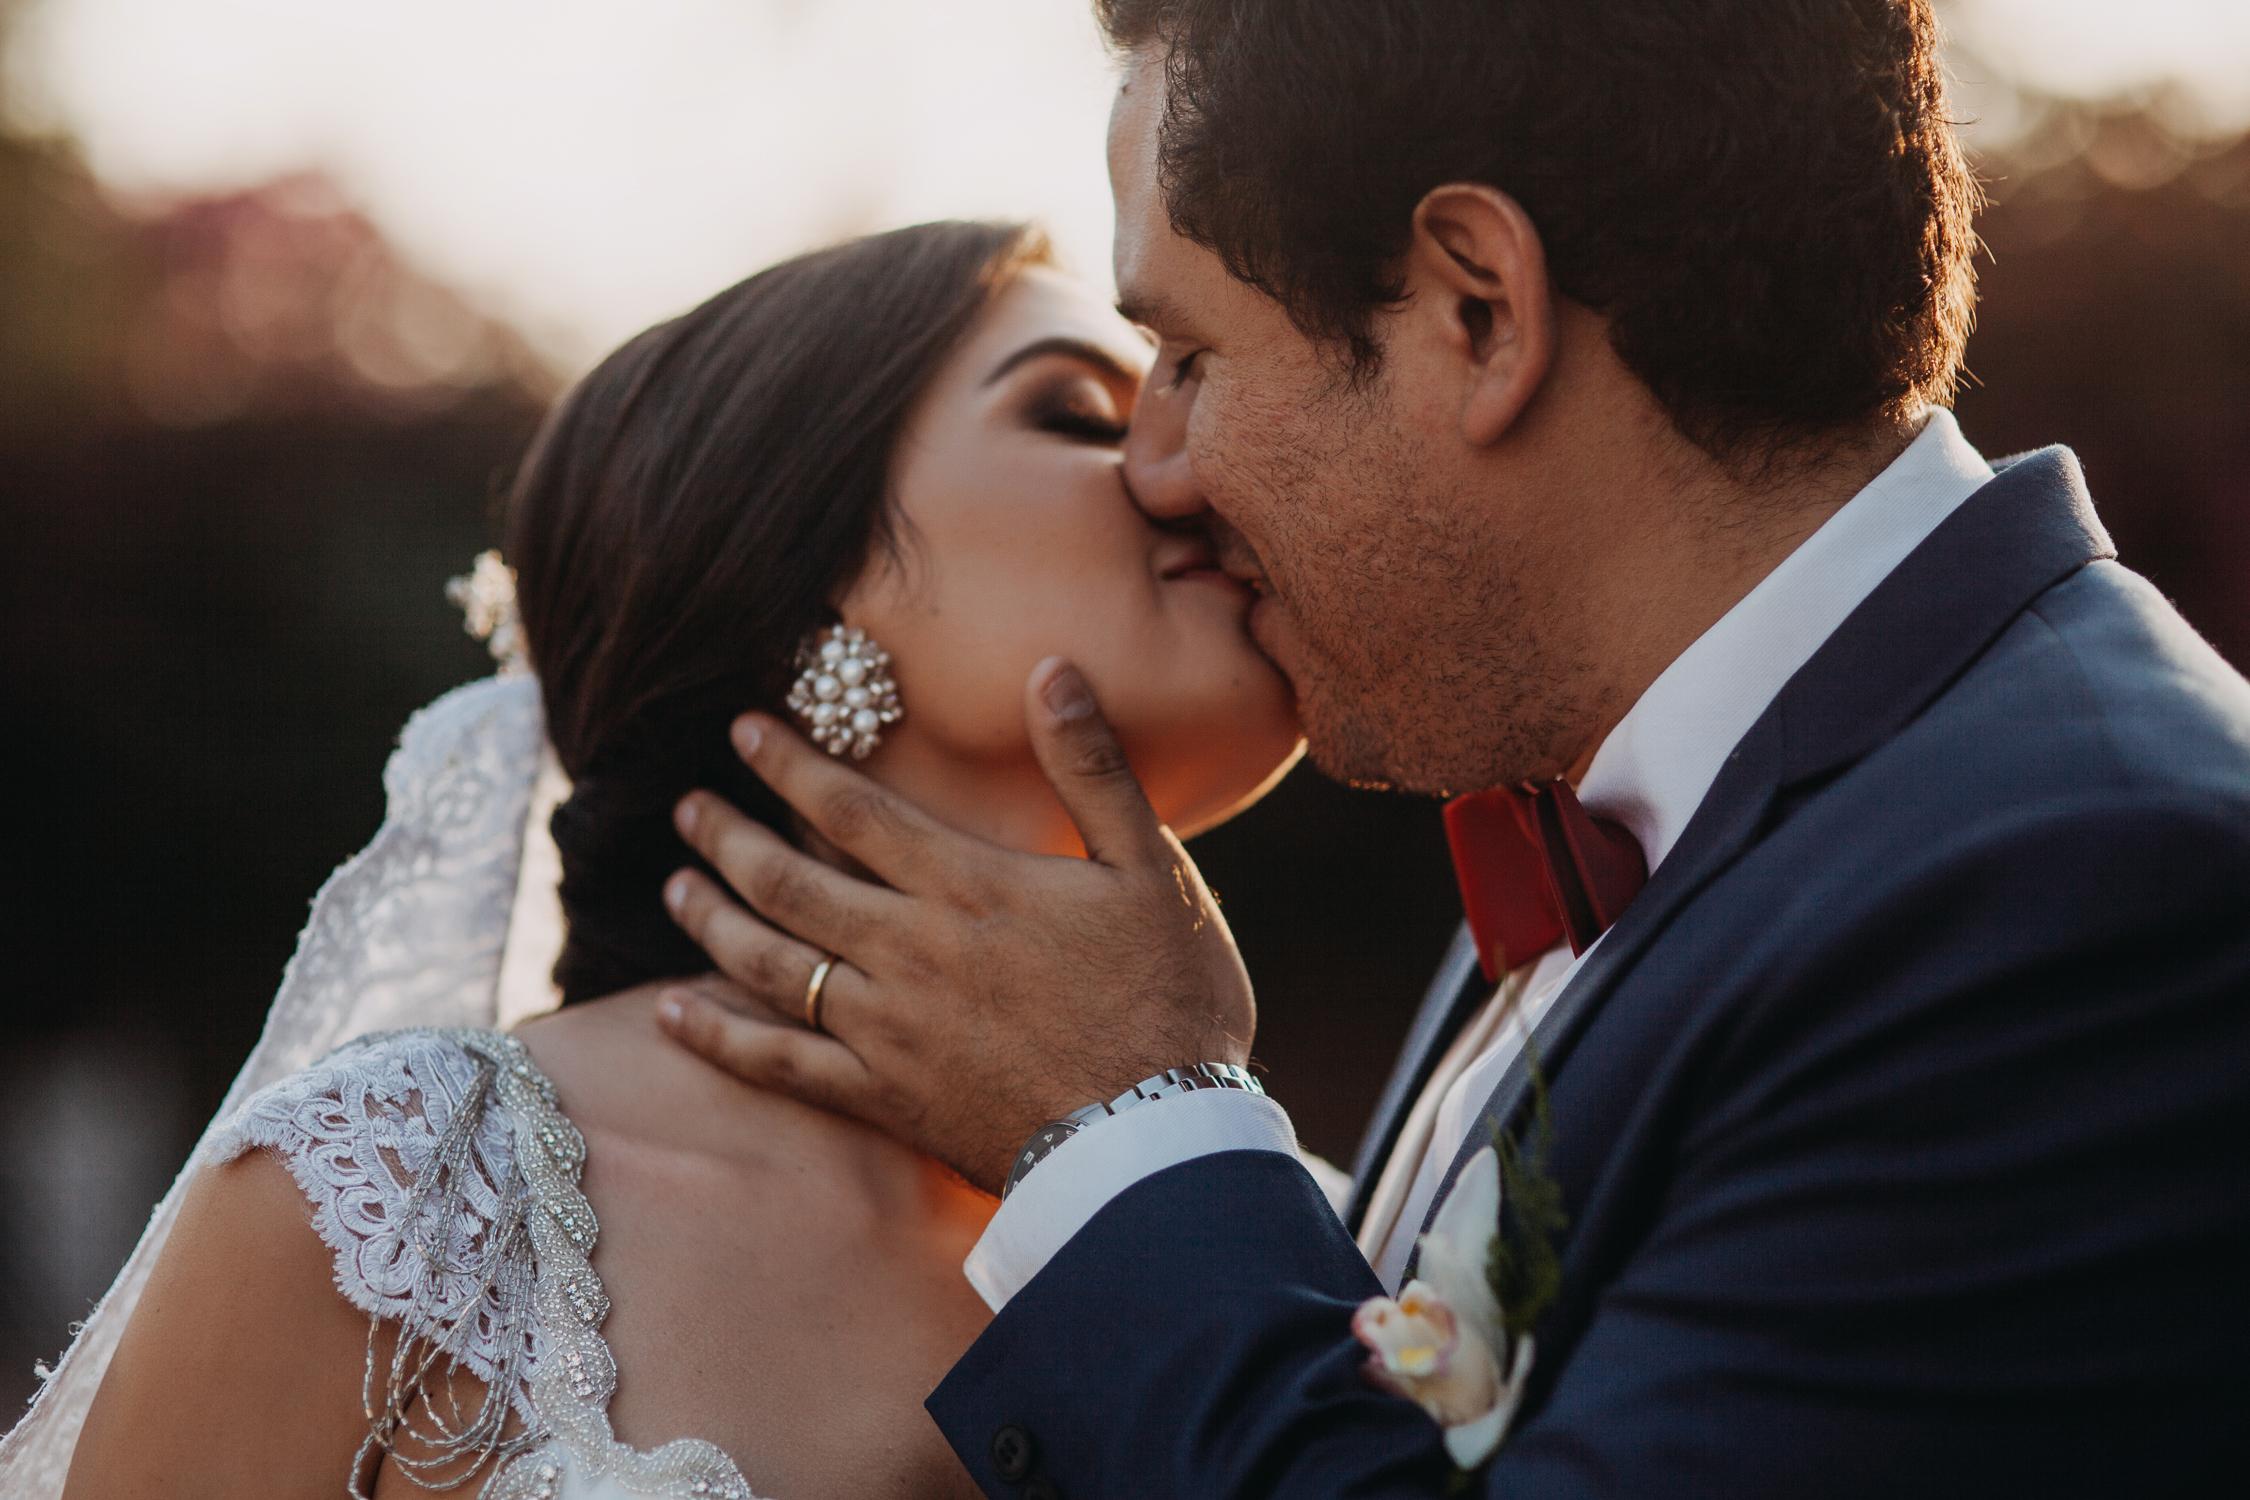 Michelle-Agurto-Fotografia-Bodas-Ecuador-Destination-Wedding-Photographer-Cristi-Luis-84.JPG